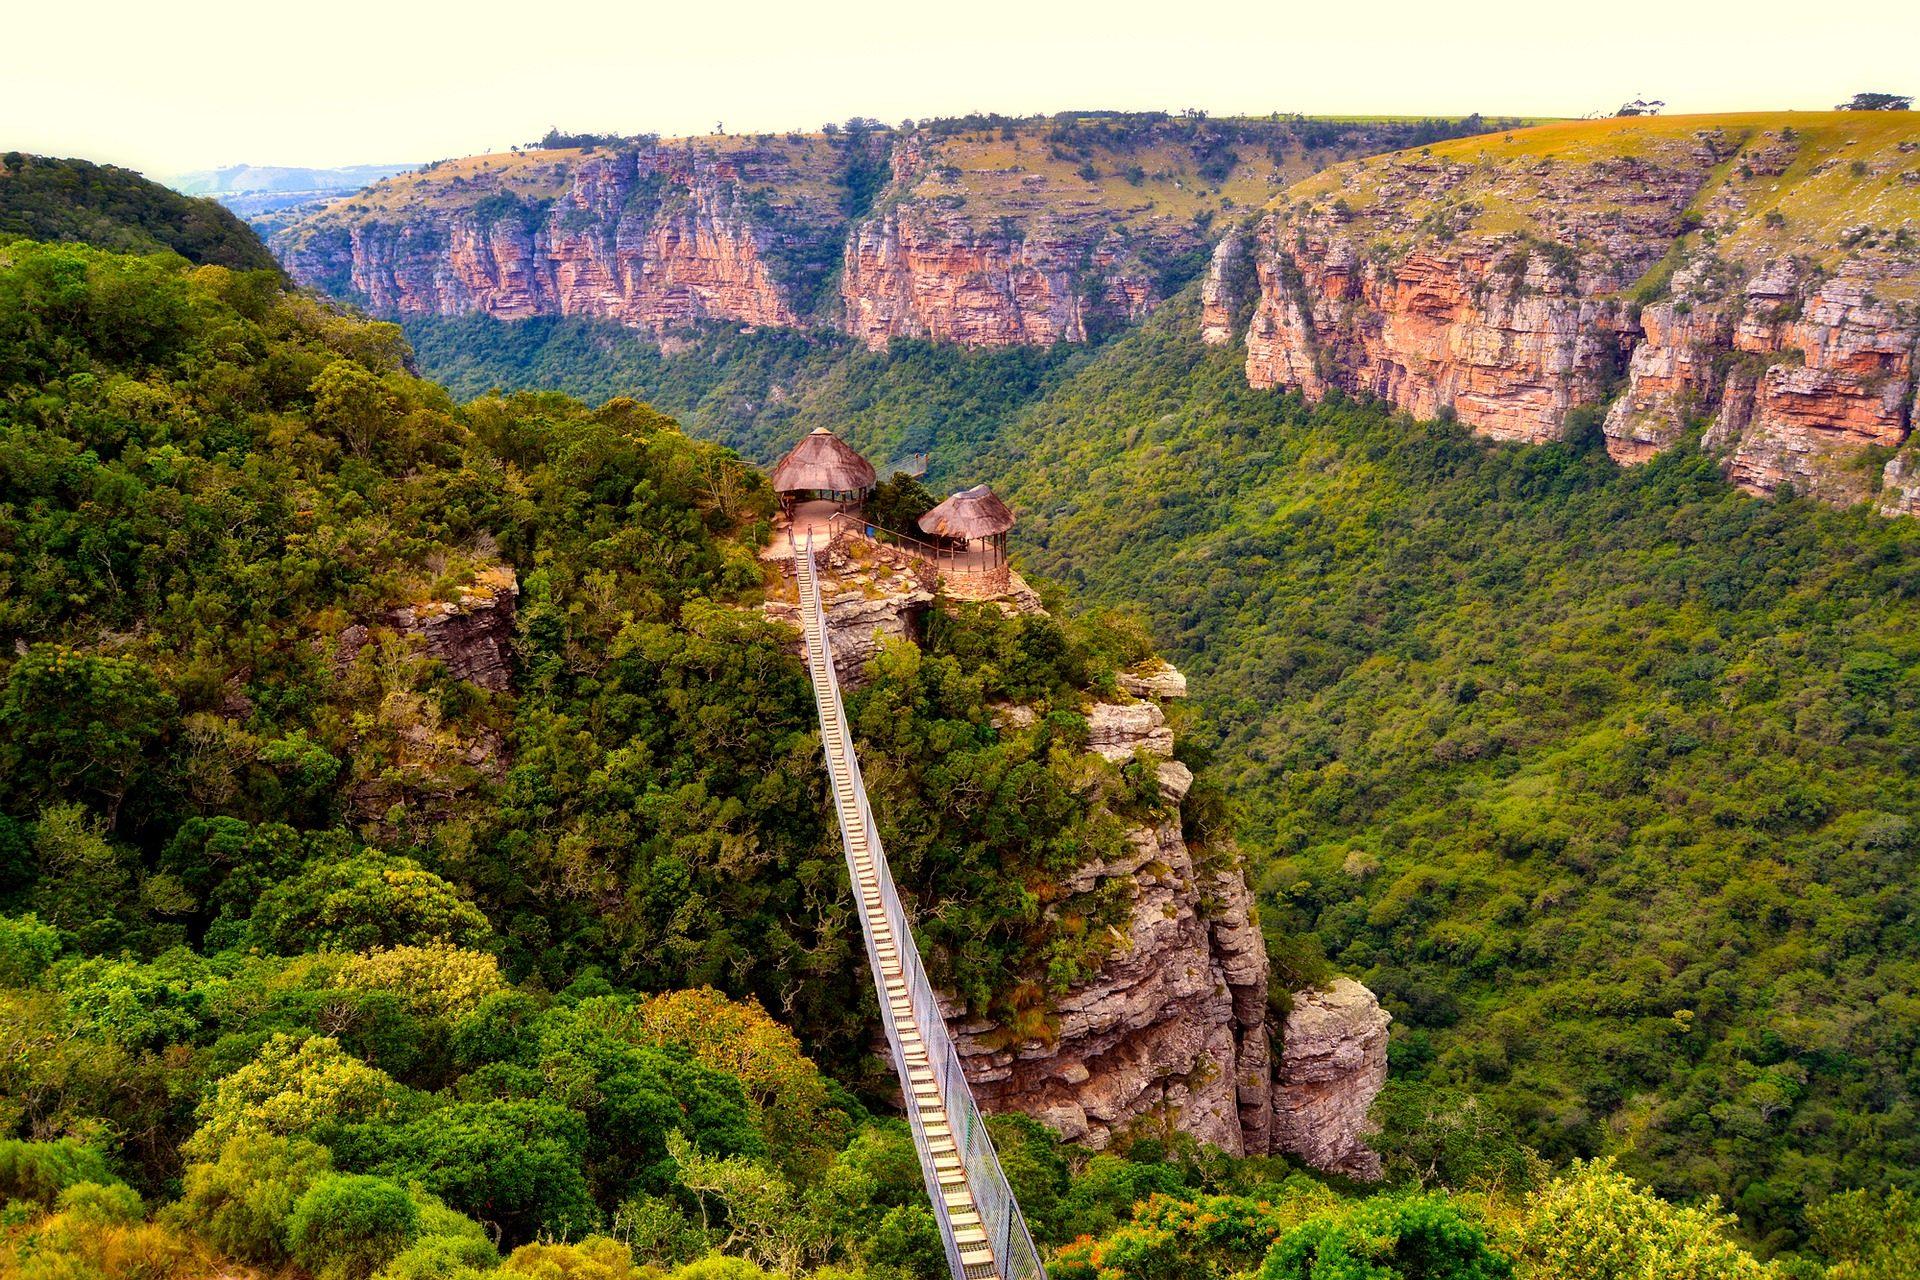 Монтаньяс, растительность, Долина, мост, Кулон, точка зрения, sudáfrica - Обои HD - Профессор falken.com